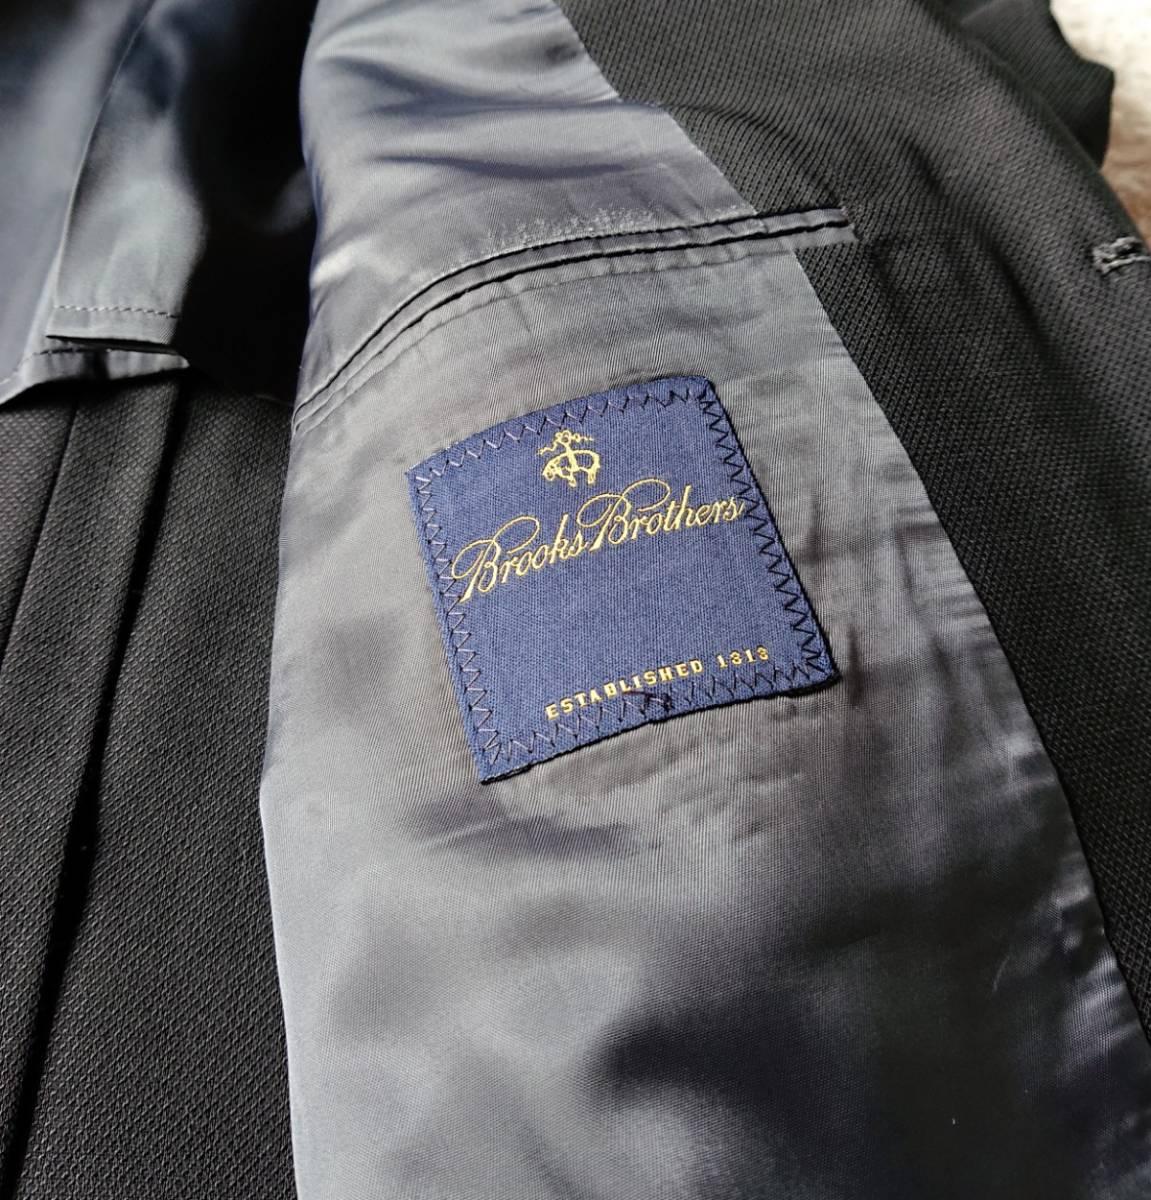 高級ピュアニューウール100% 日本製 予備パンツ付き★ ブルックス ブラザーズ スーツ セットアップ メンズ ブラック 黒 ビジネス 背抜き_画像8